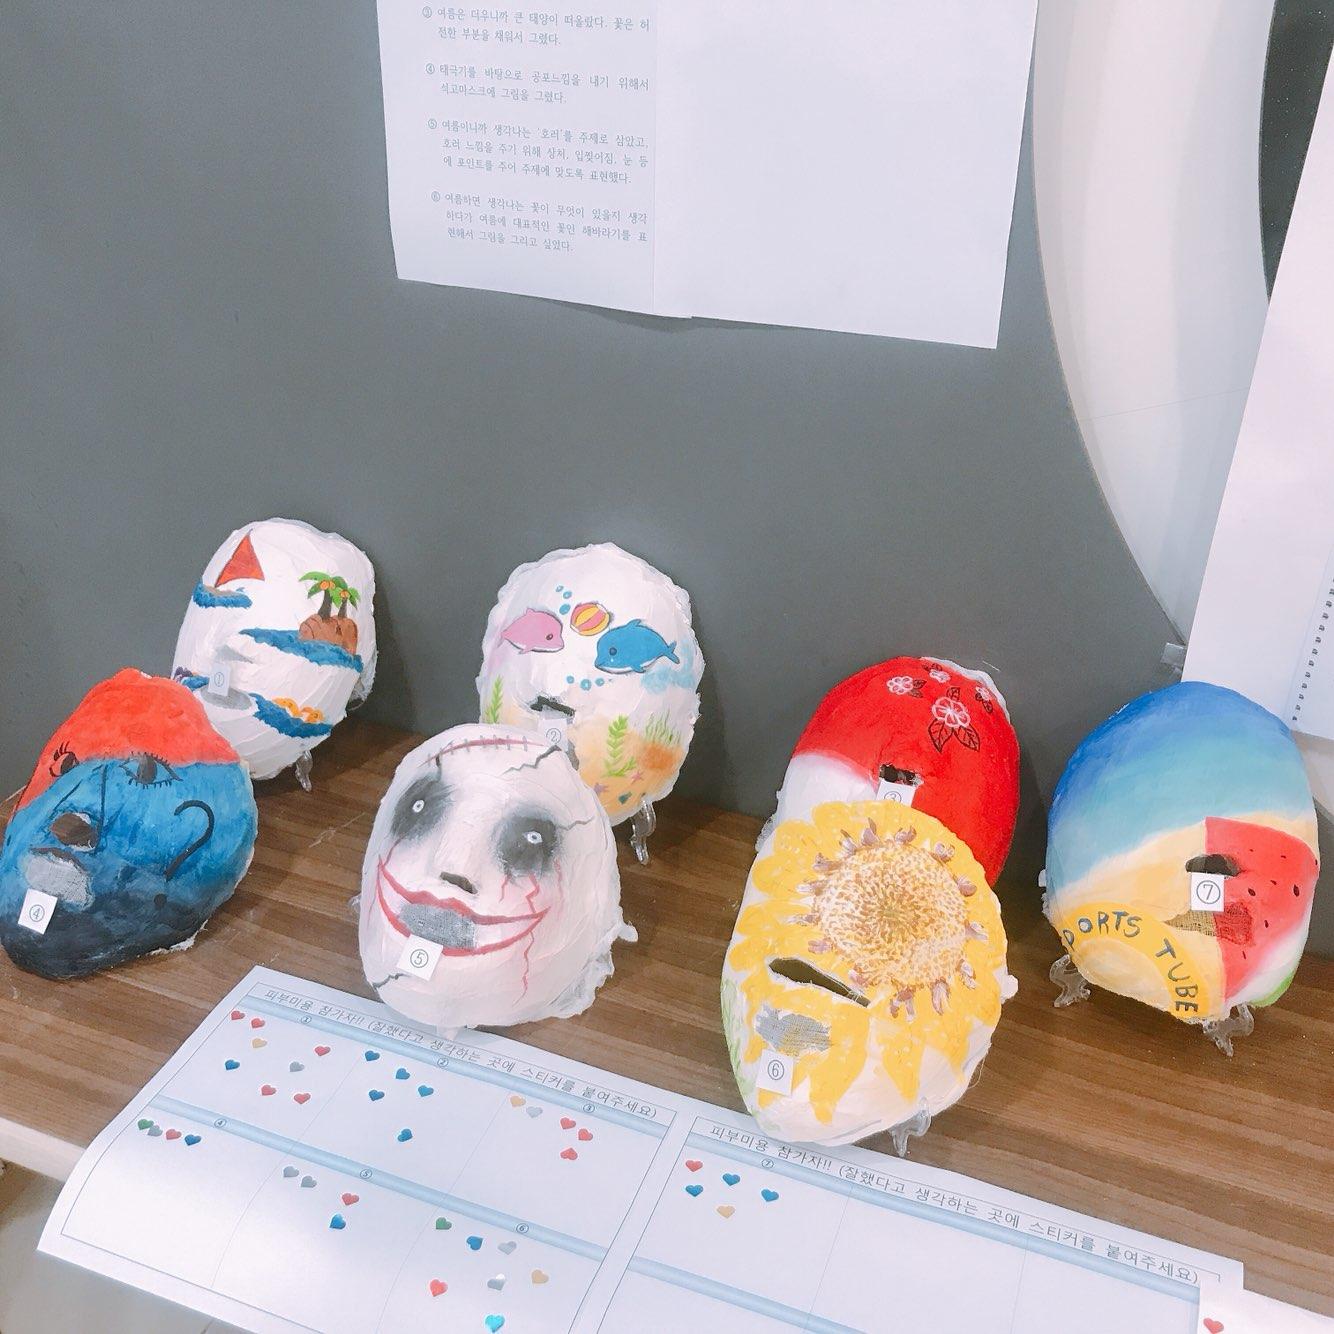 2018 아뜰리에 summer contest 작품!